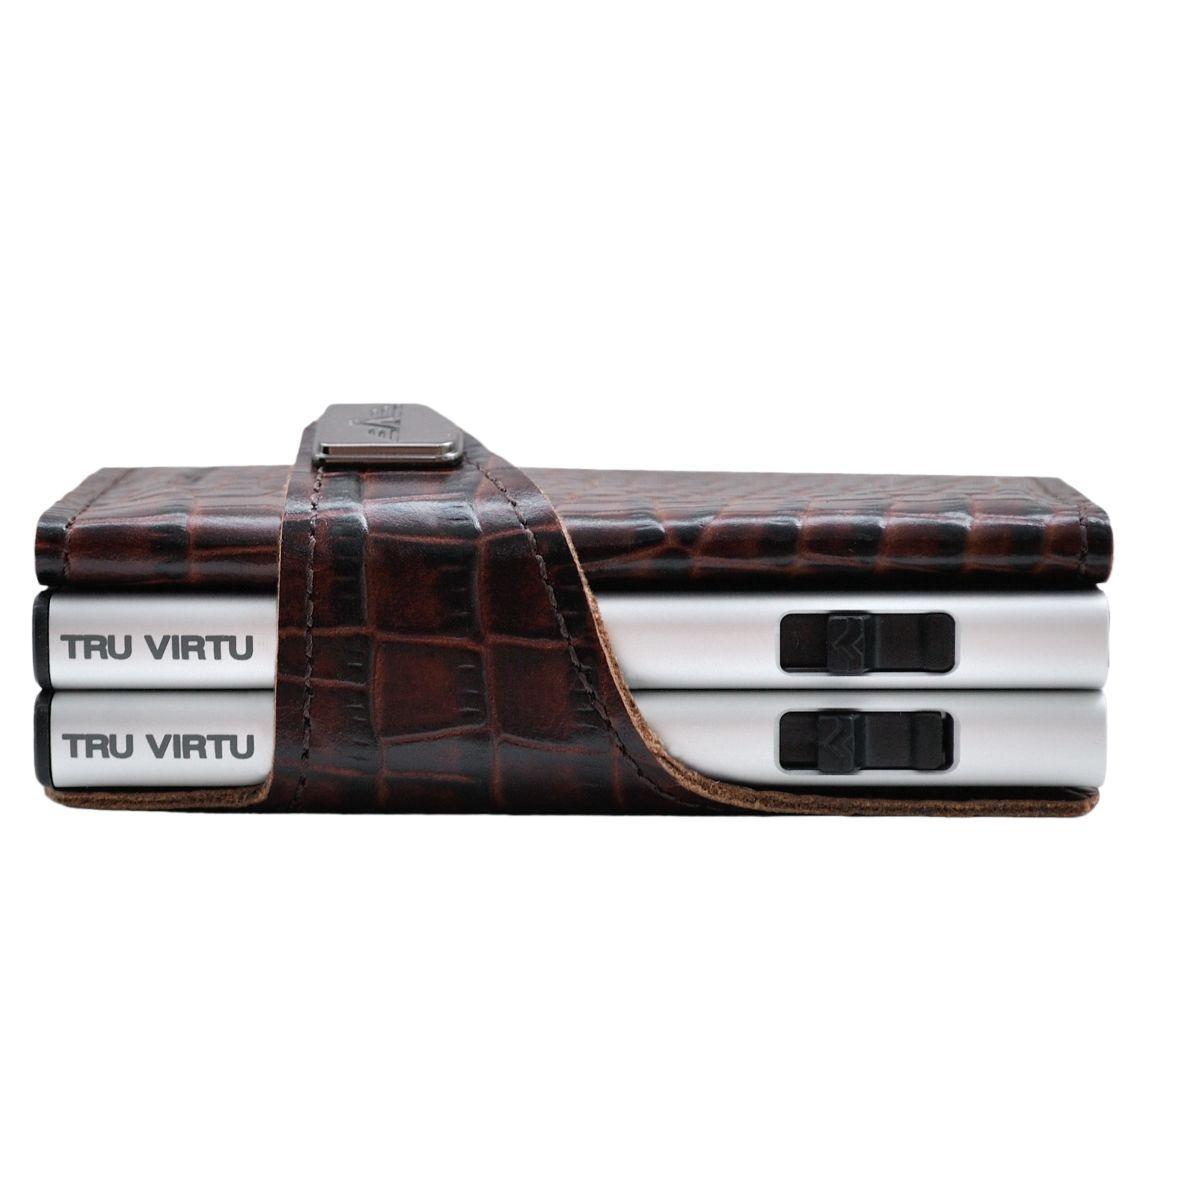 TRU VIRTU ארנק מינימלסטי כפול מאלומיניום בשילוב עור - חום תנין